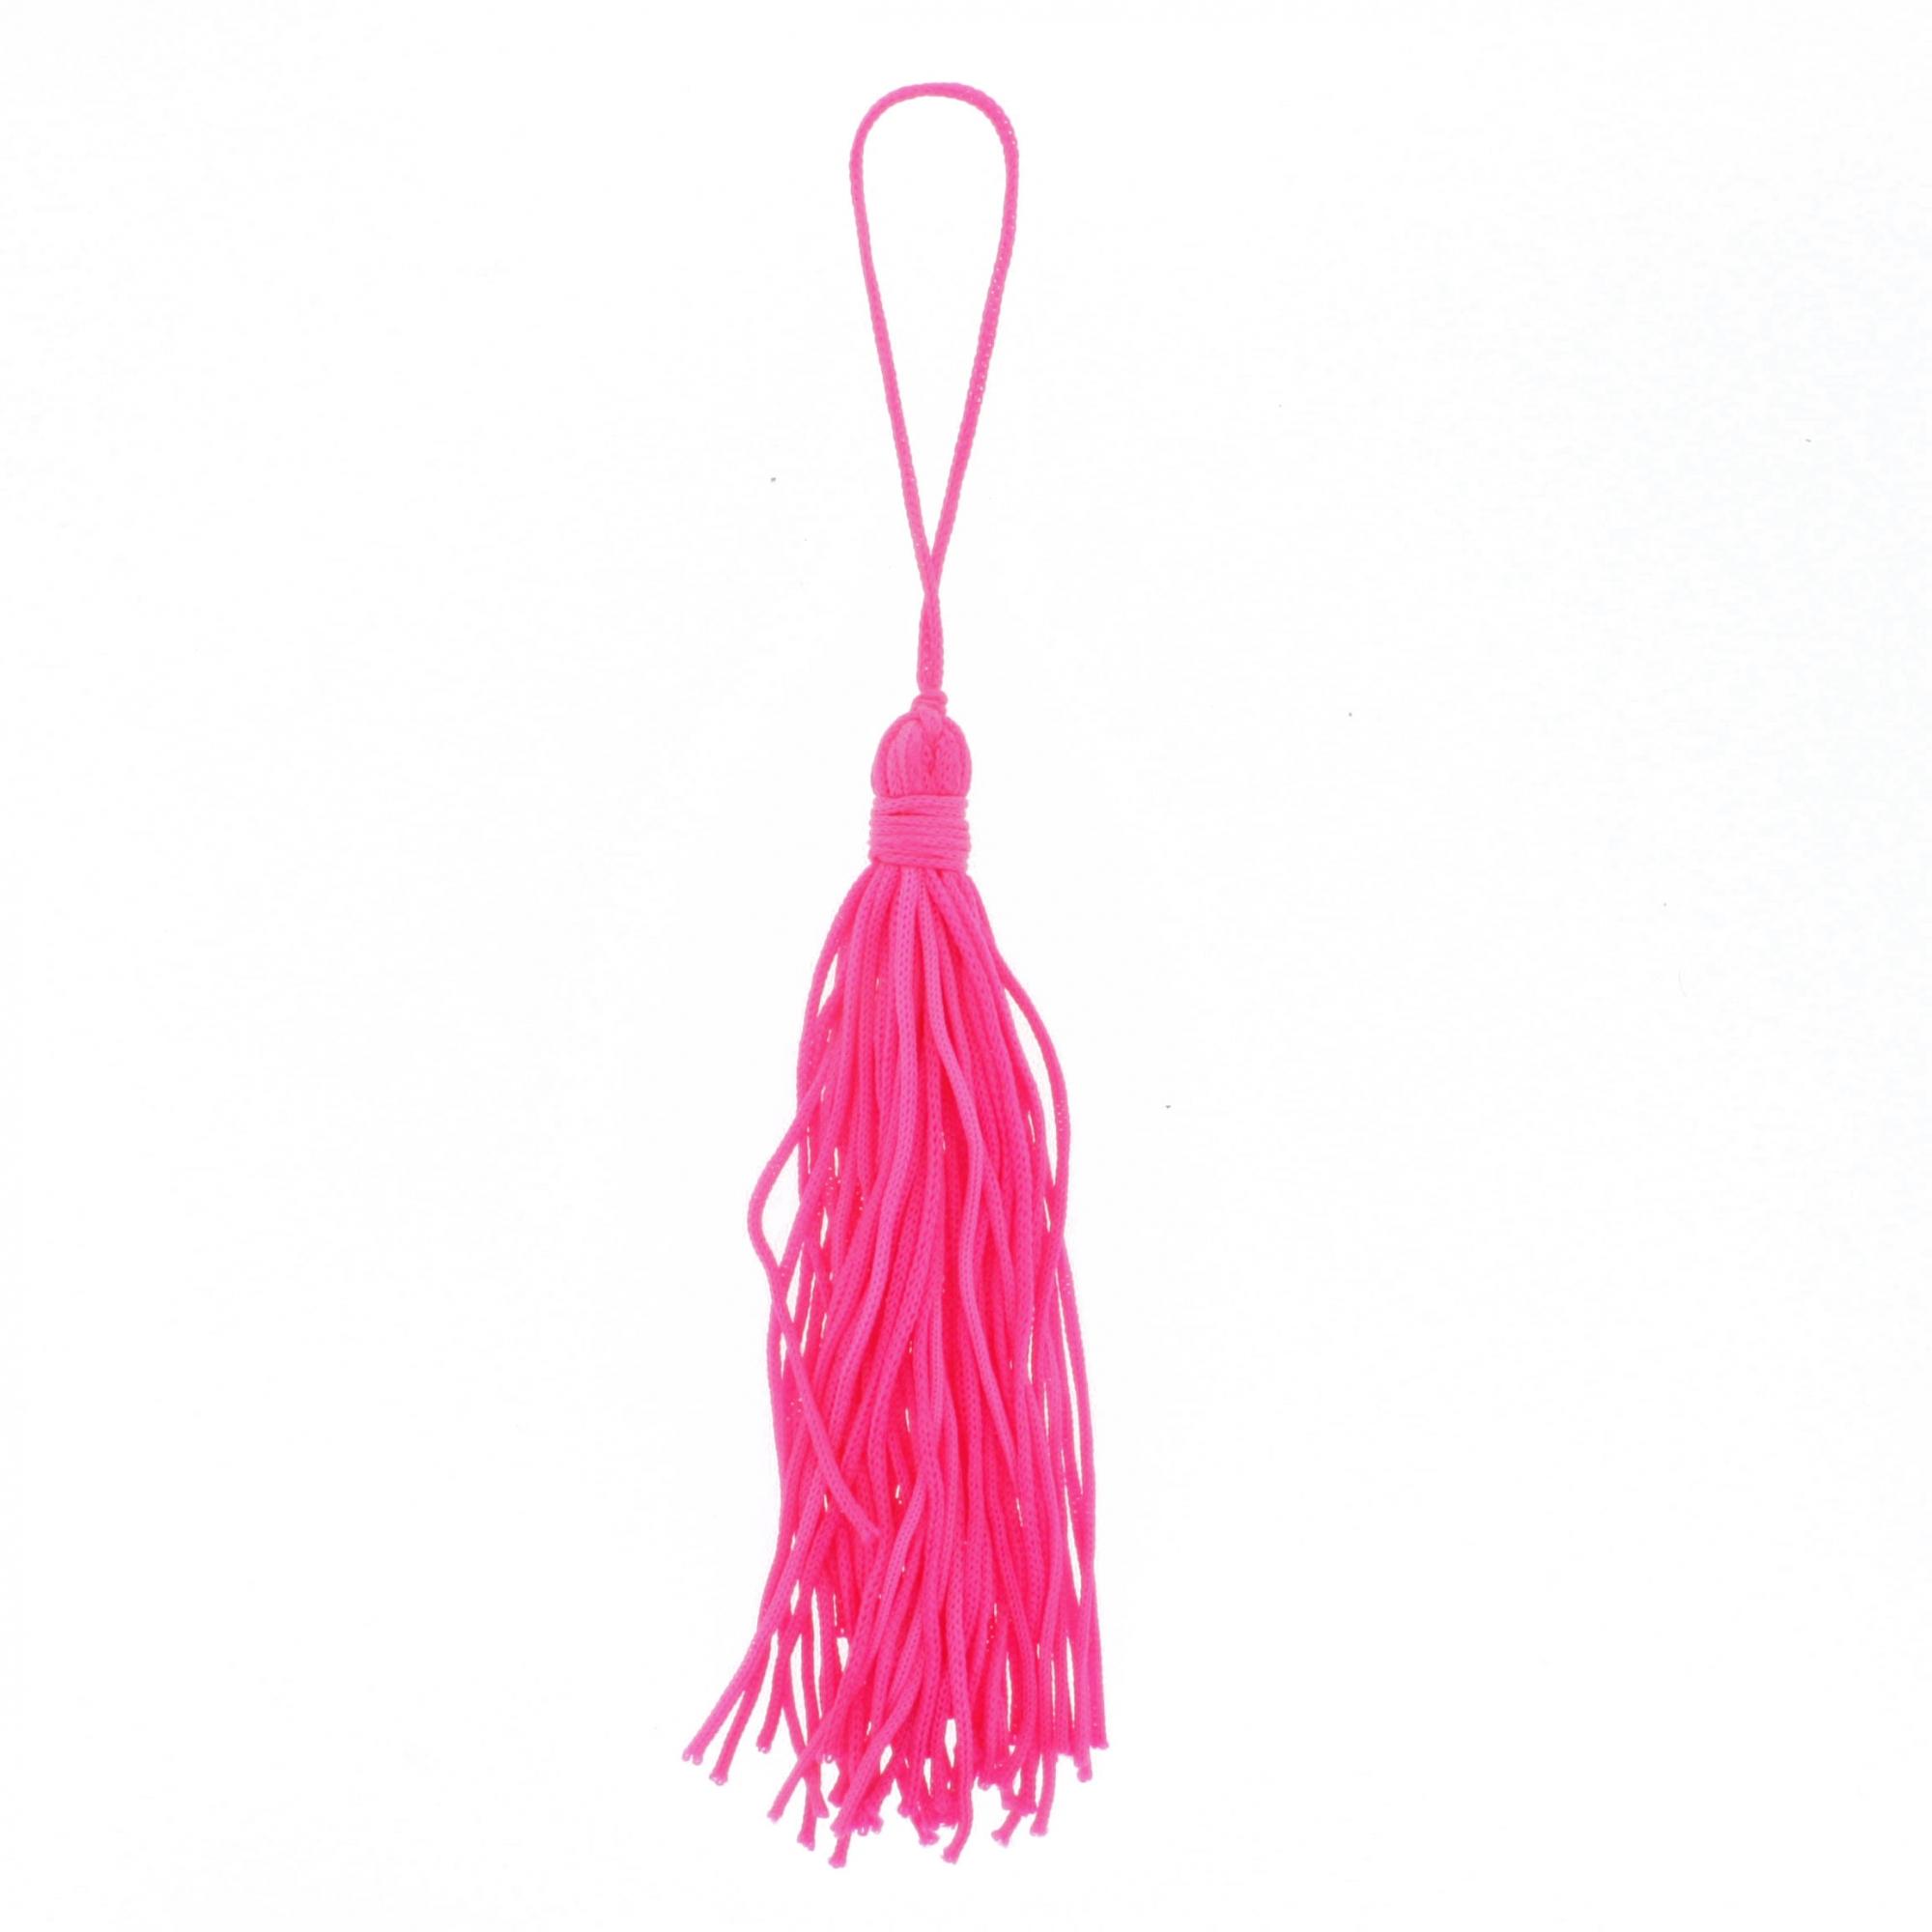 Tassel - Pink Neon  - Universo Religioso® - Artigos de Umbanda e Candomblé